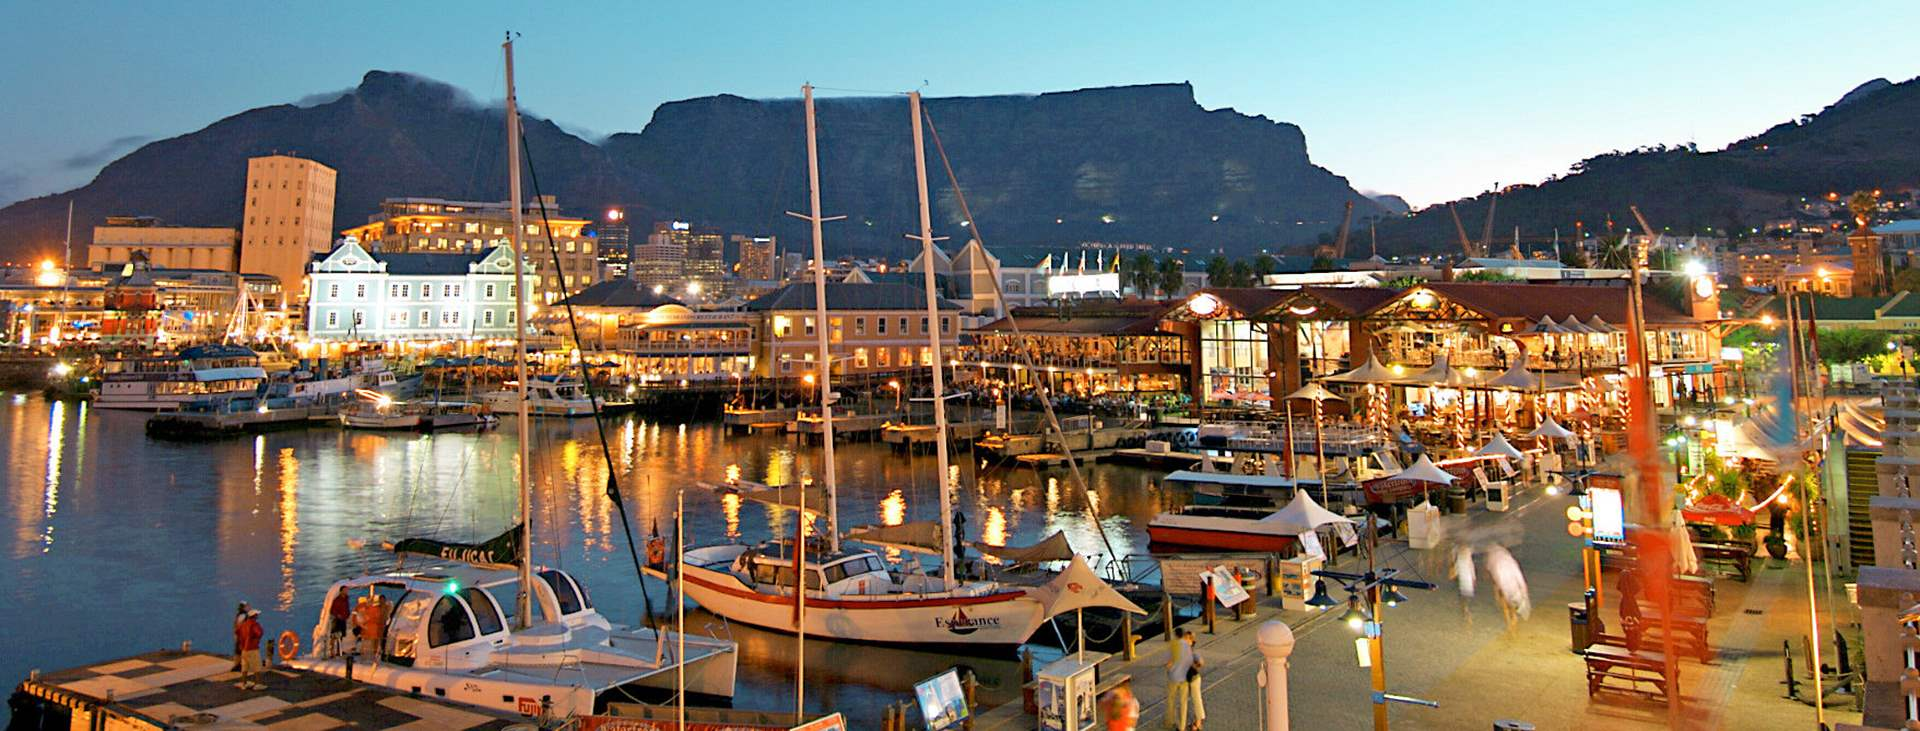 Lähde Kapkaupunkiin, Etelä-Afrikkaan ja nauti valkoisista hiekkarannoista, kauniista luinnosta, hyvistä viineitä ja golfkentistä